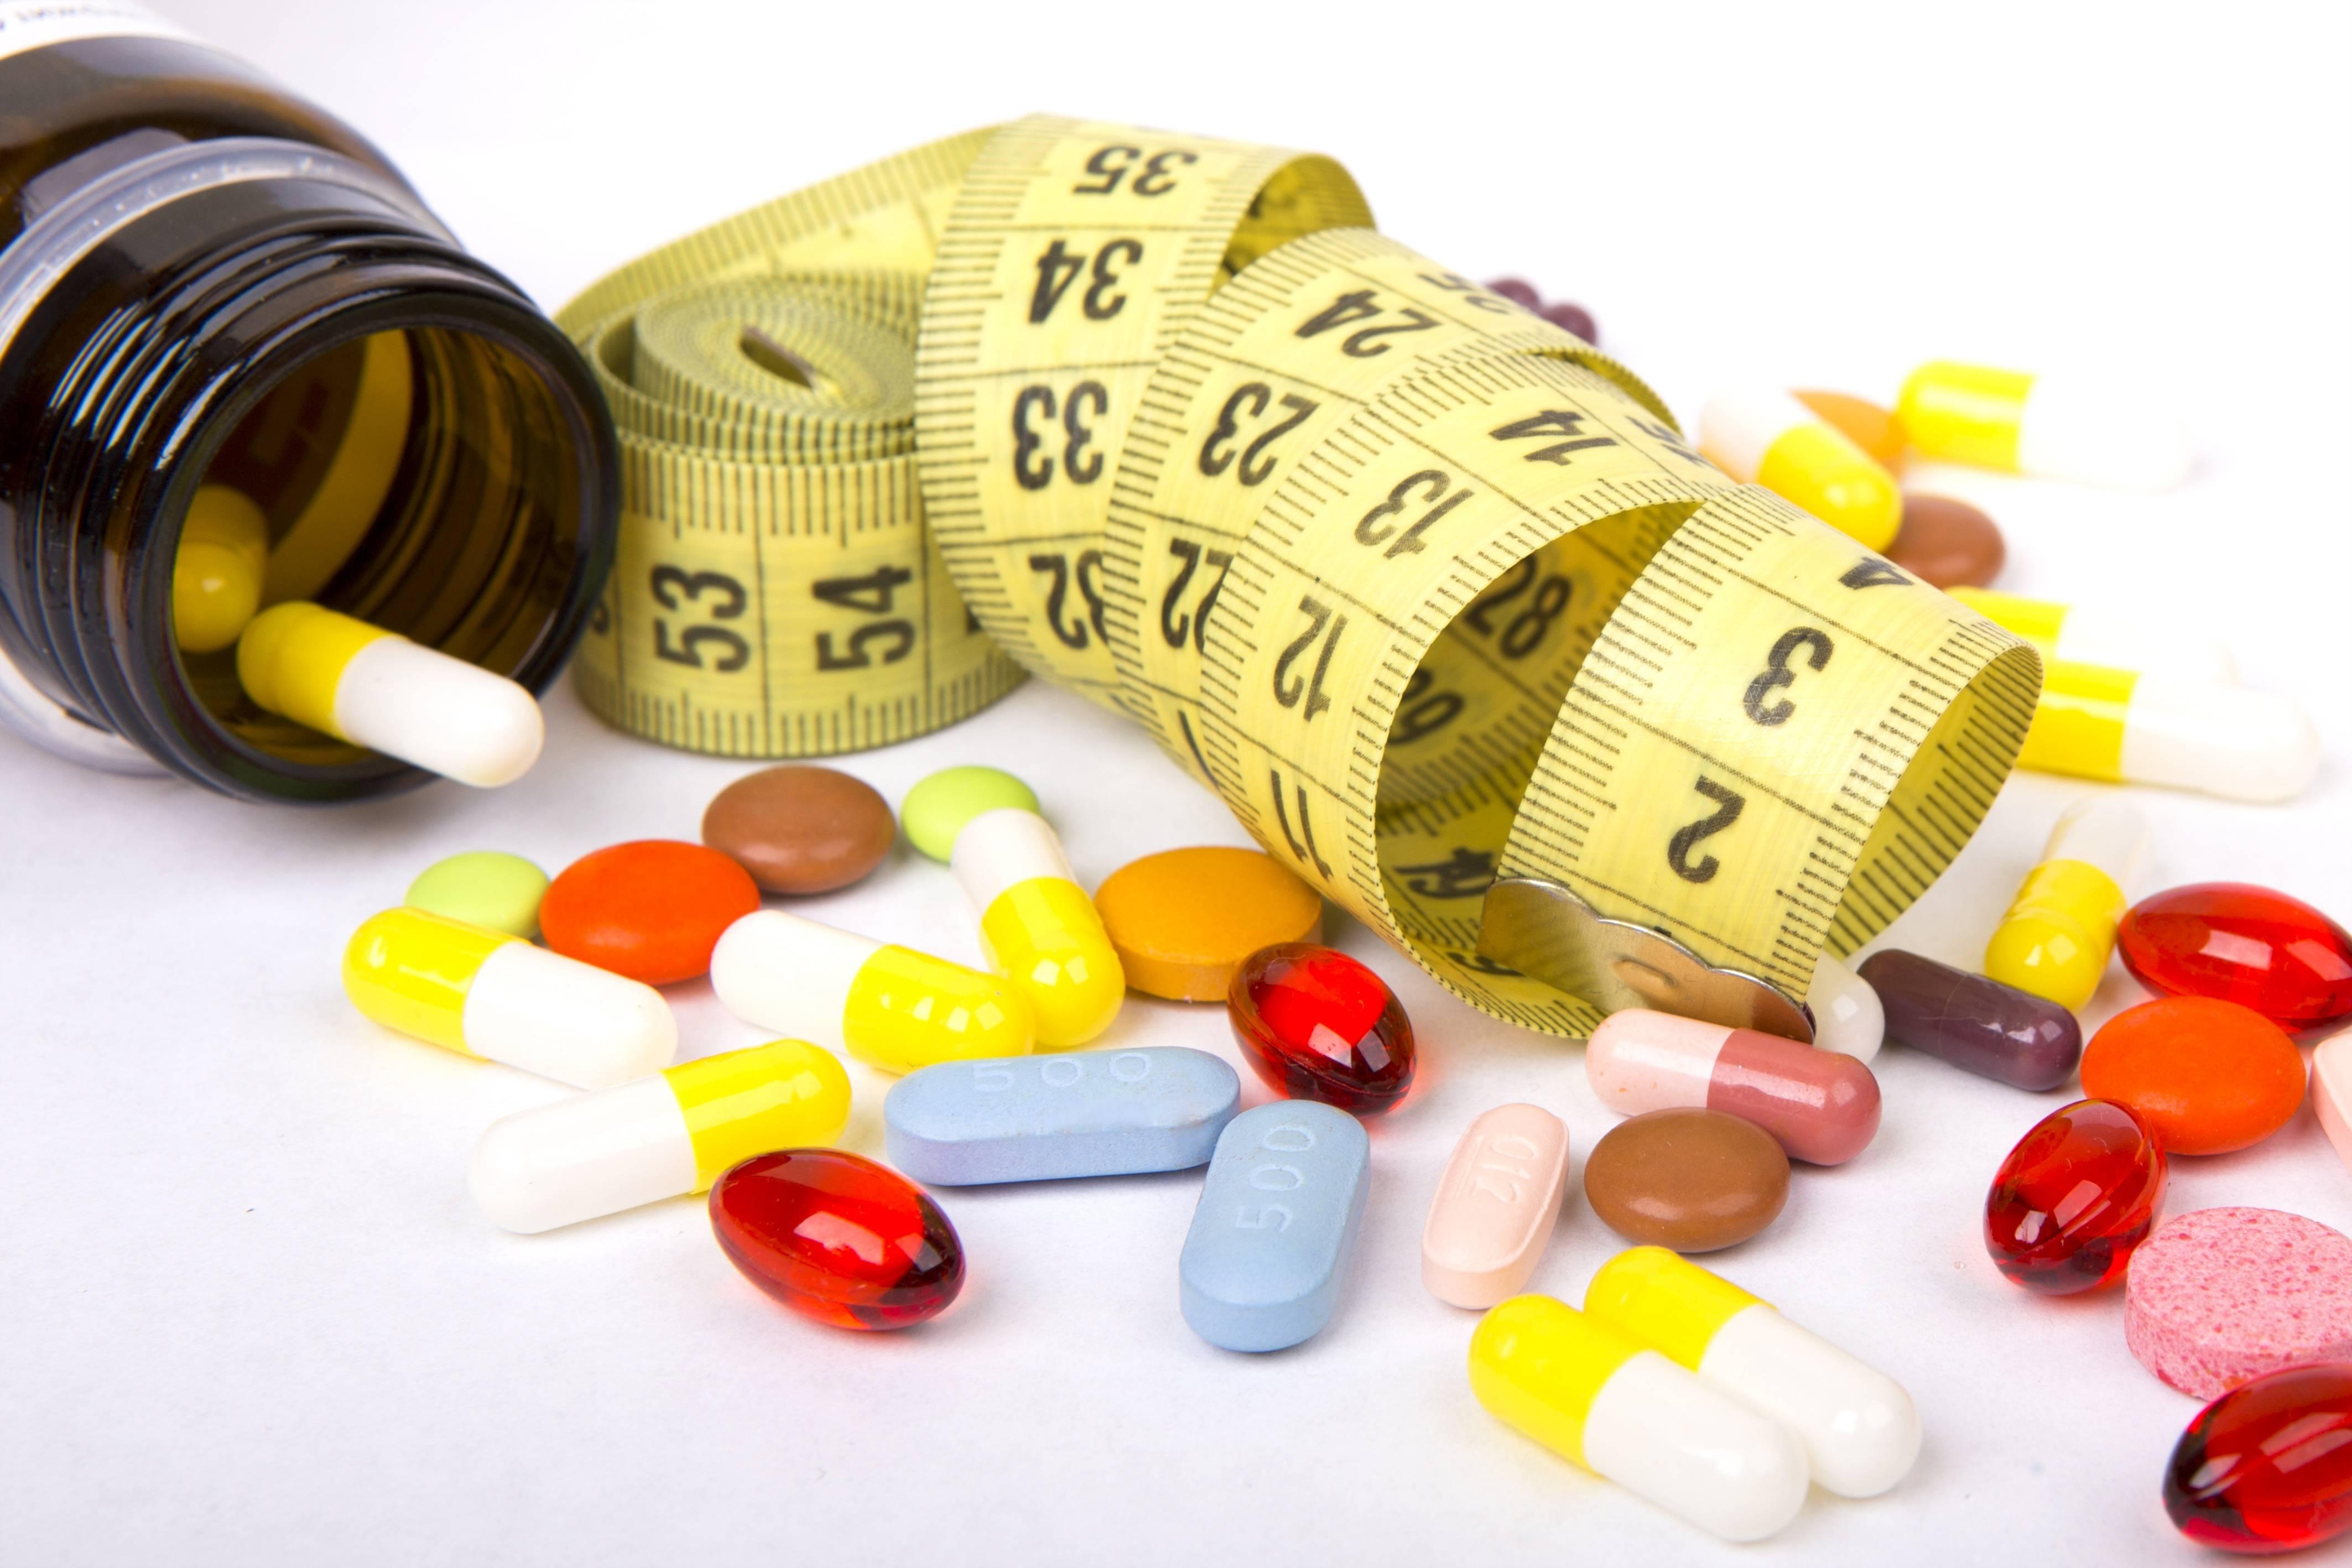 Prospect Medicament - Aspendos mg comprimate